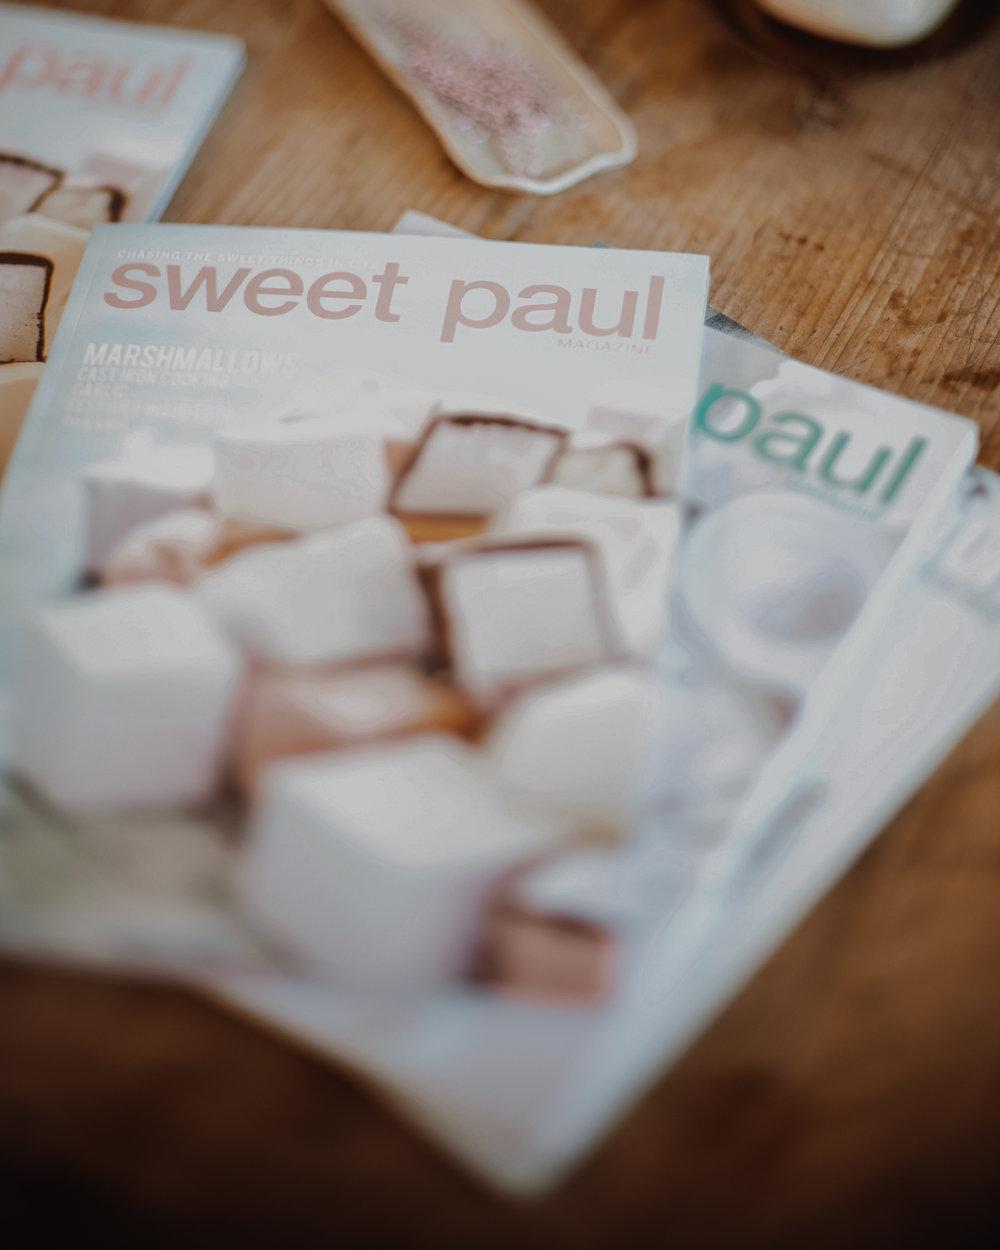 Paul Lowe @SweetPaulMagazine